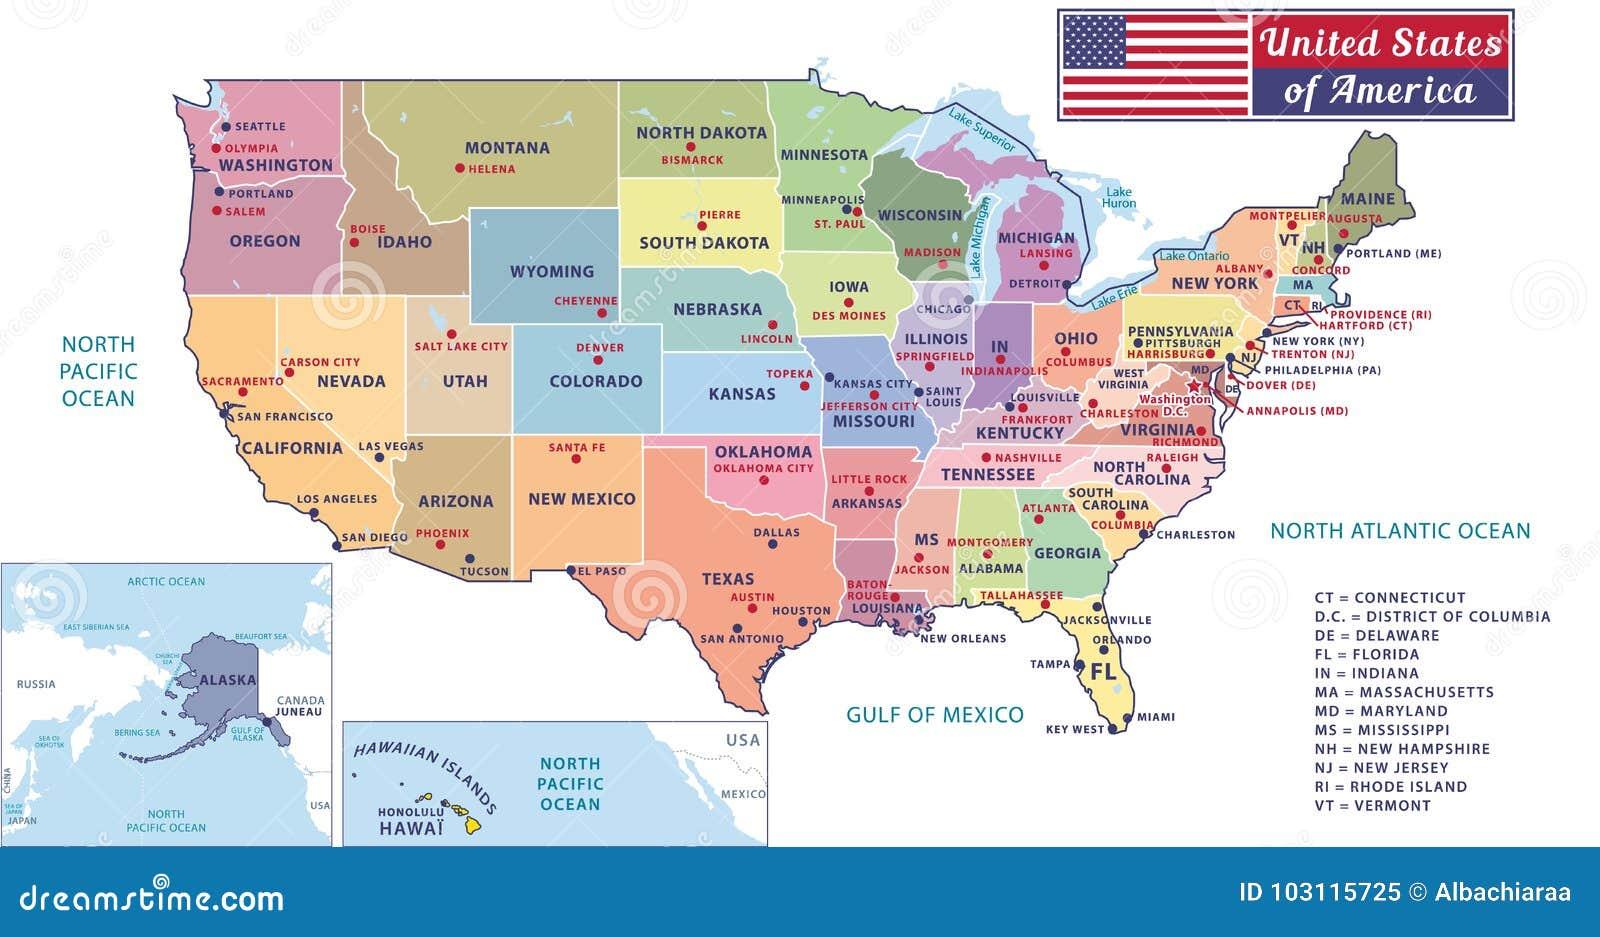 Usa Staaten Karte Mit Hauptstädten.Zustandshauptstädte Und Bedeutende Städte Der Vereinigten Staaten